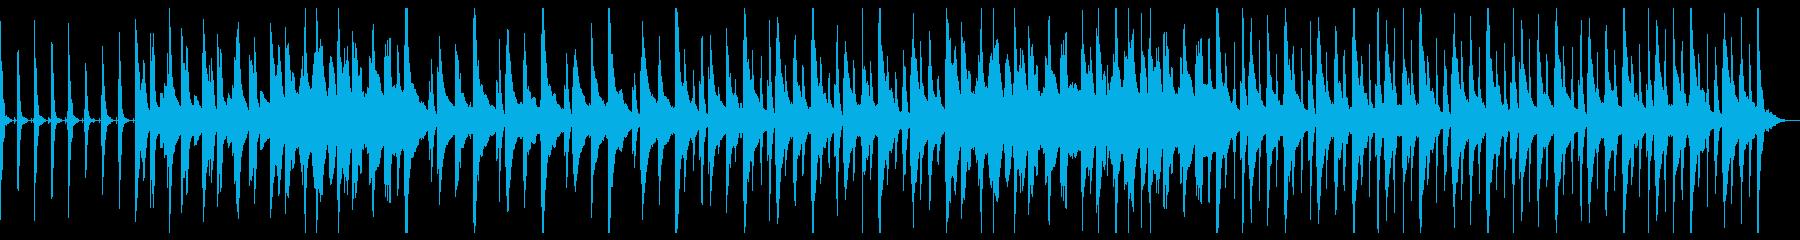 【劇伴BGM】 日常、コミカル、ほんわかの再生済みの波形